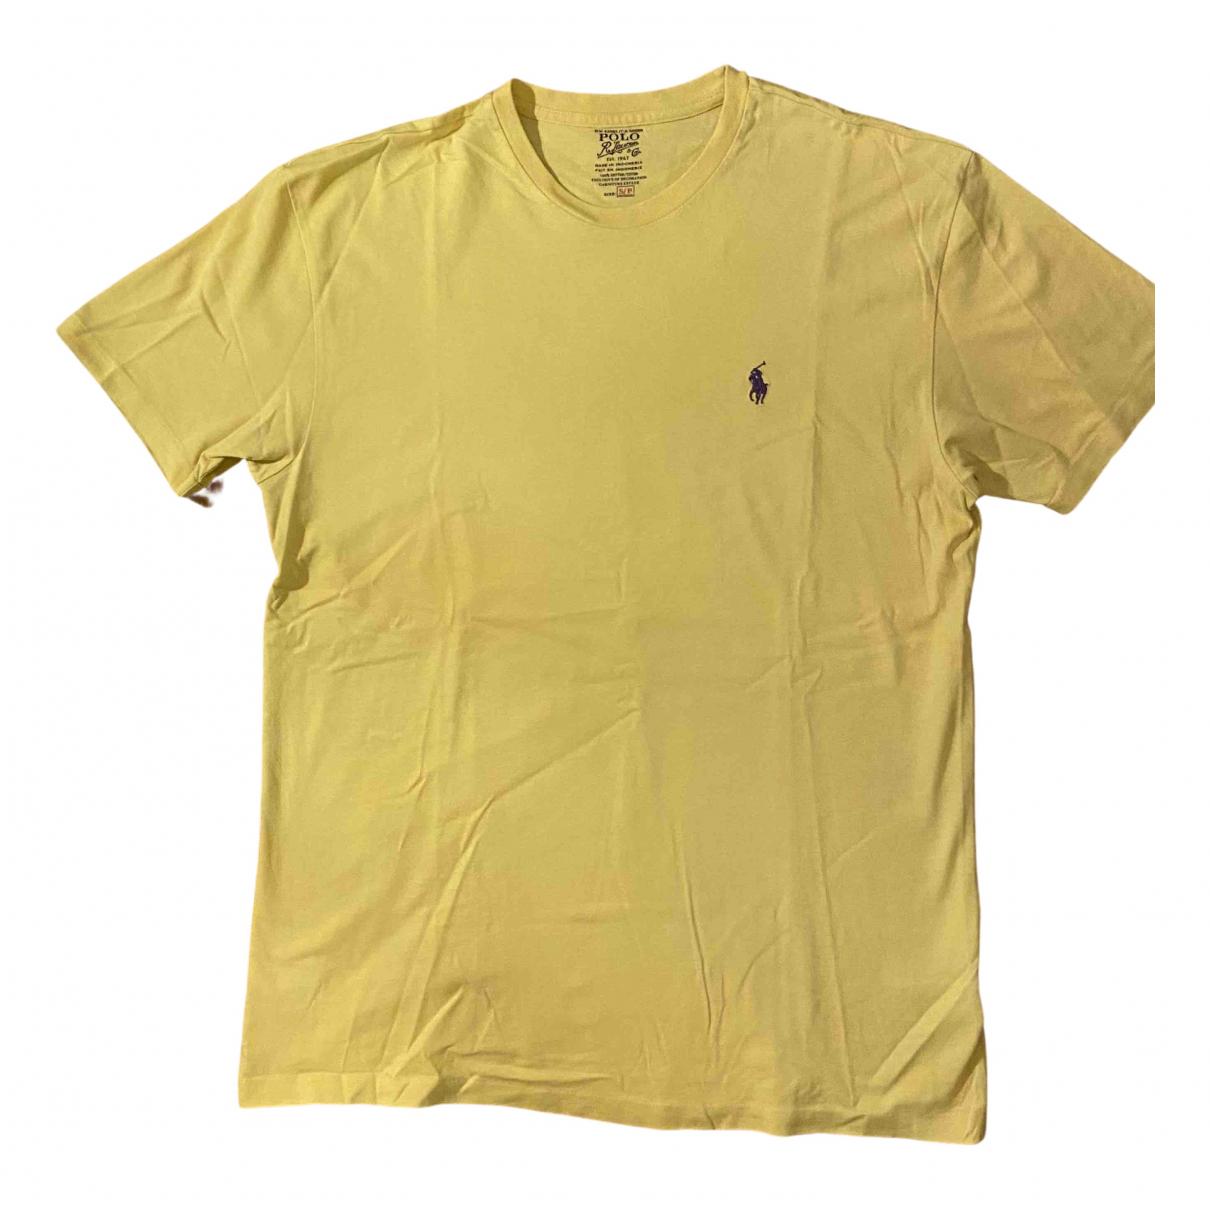 Polo Ralph Lauren - Tee shirts   pour homme en coton - jaune